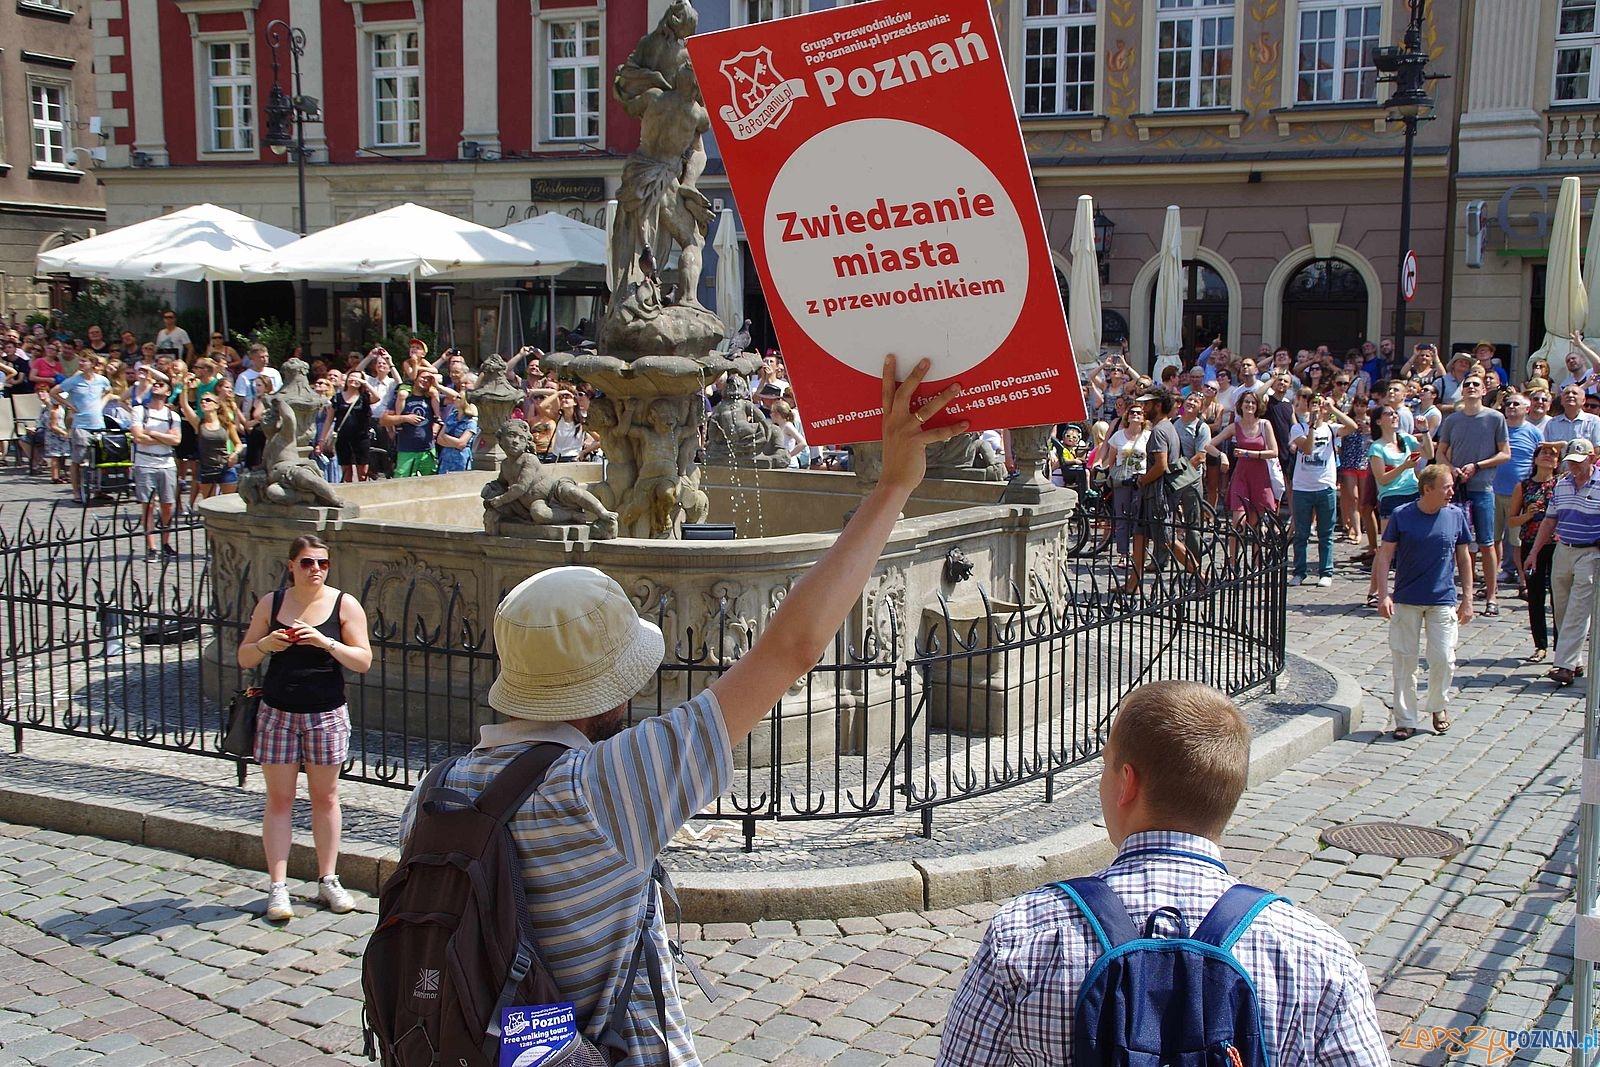 Przewdnicy - przechadzki po Poznaniu  Foto: PoPoznaniu.pl / materiały informacyjne